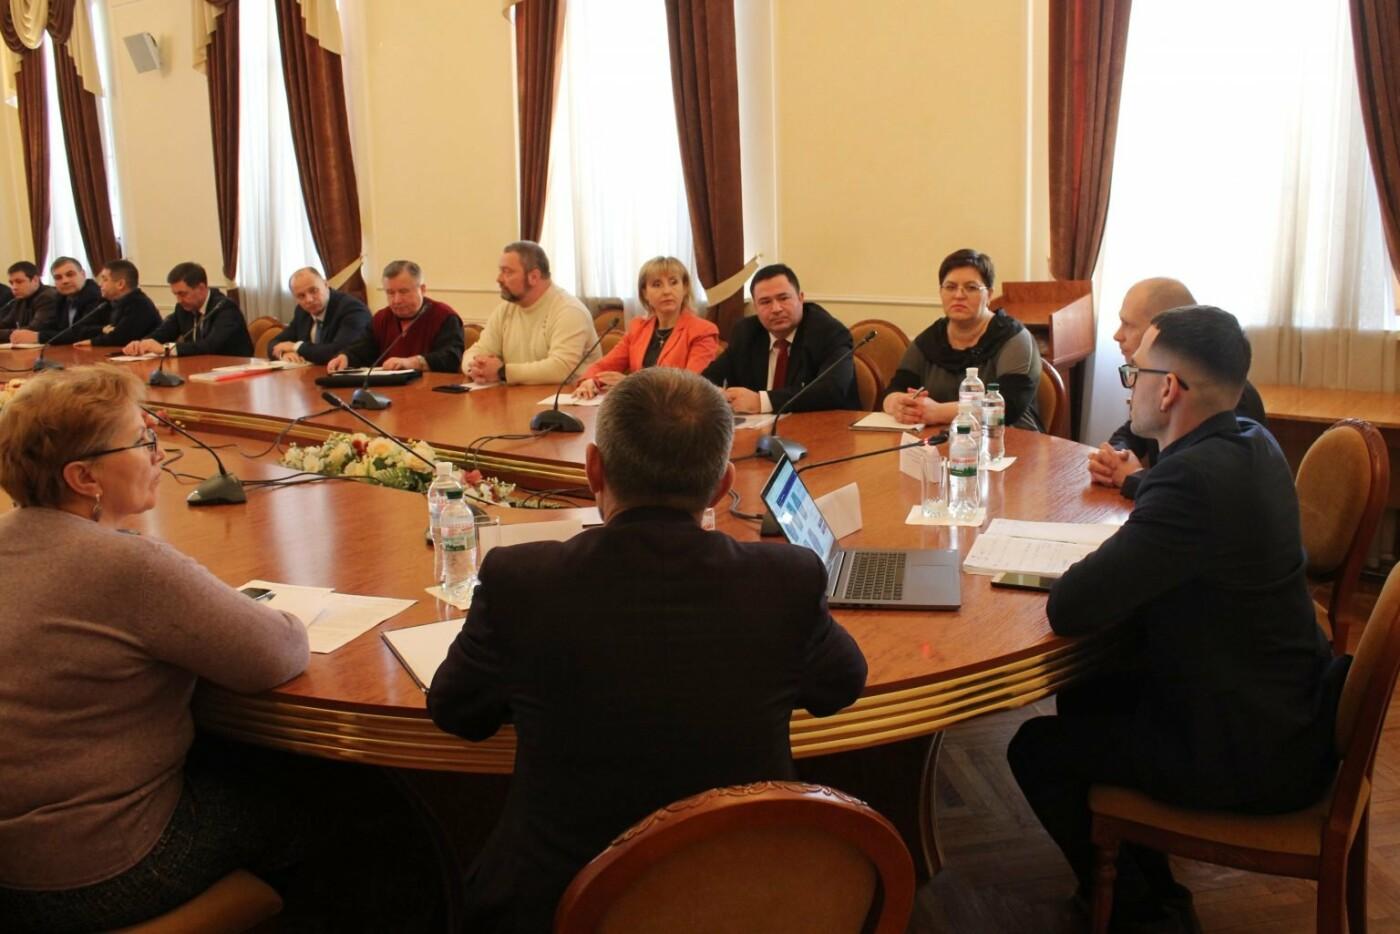 Заступник Міністра освіти і науки України відвідав виші Кам'янця-Подільського, фото-1, Фото: Хмельницька ОДА